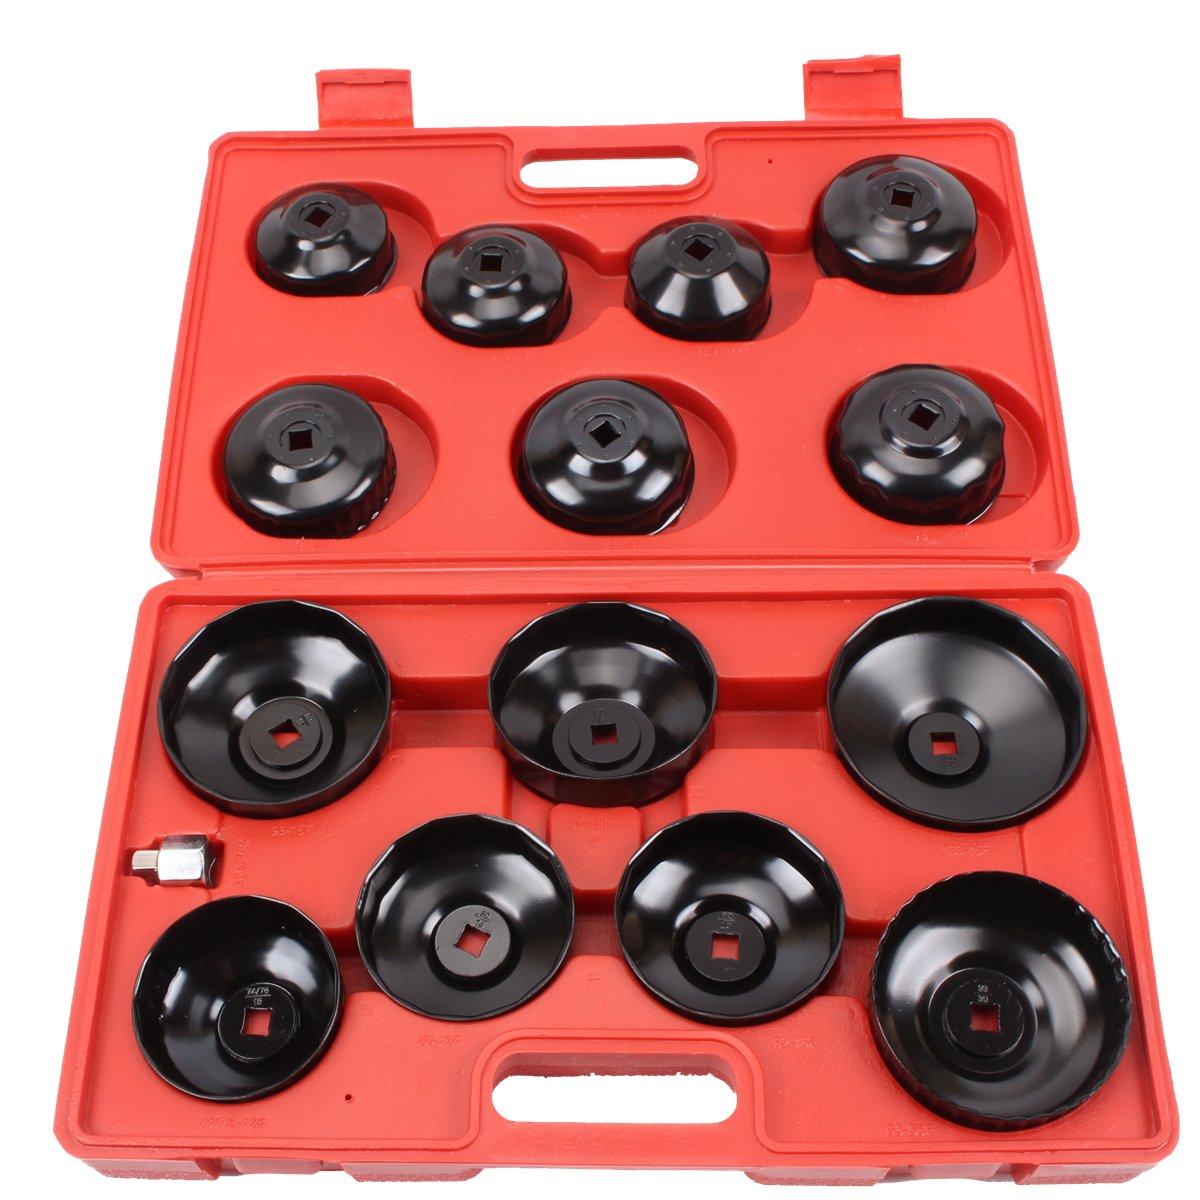 CCLIFE 15 pcs cl/é filtre huile universel Bouchons filtre /à huile cli/é filtre /à huile